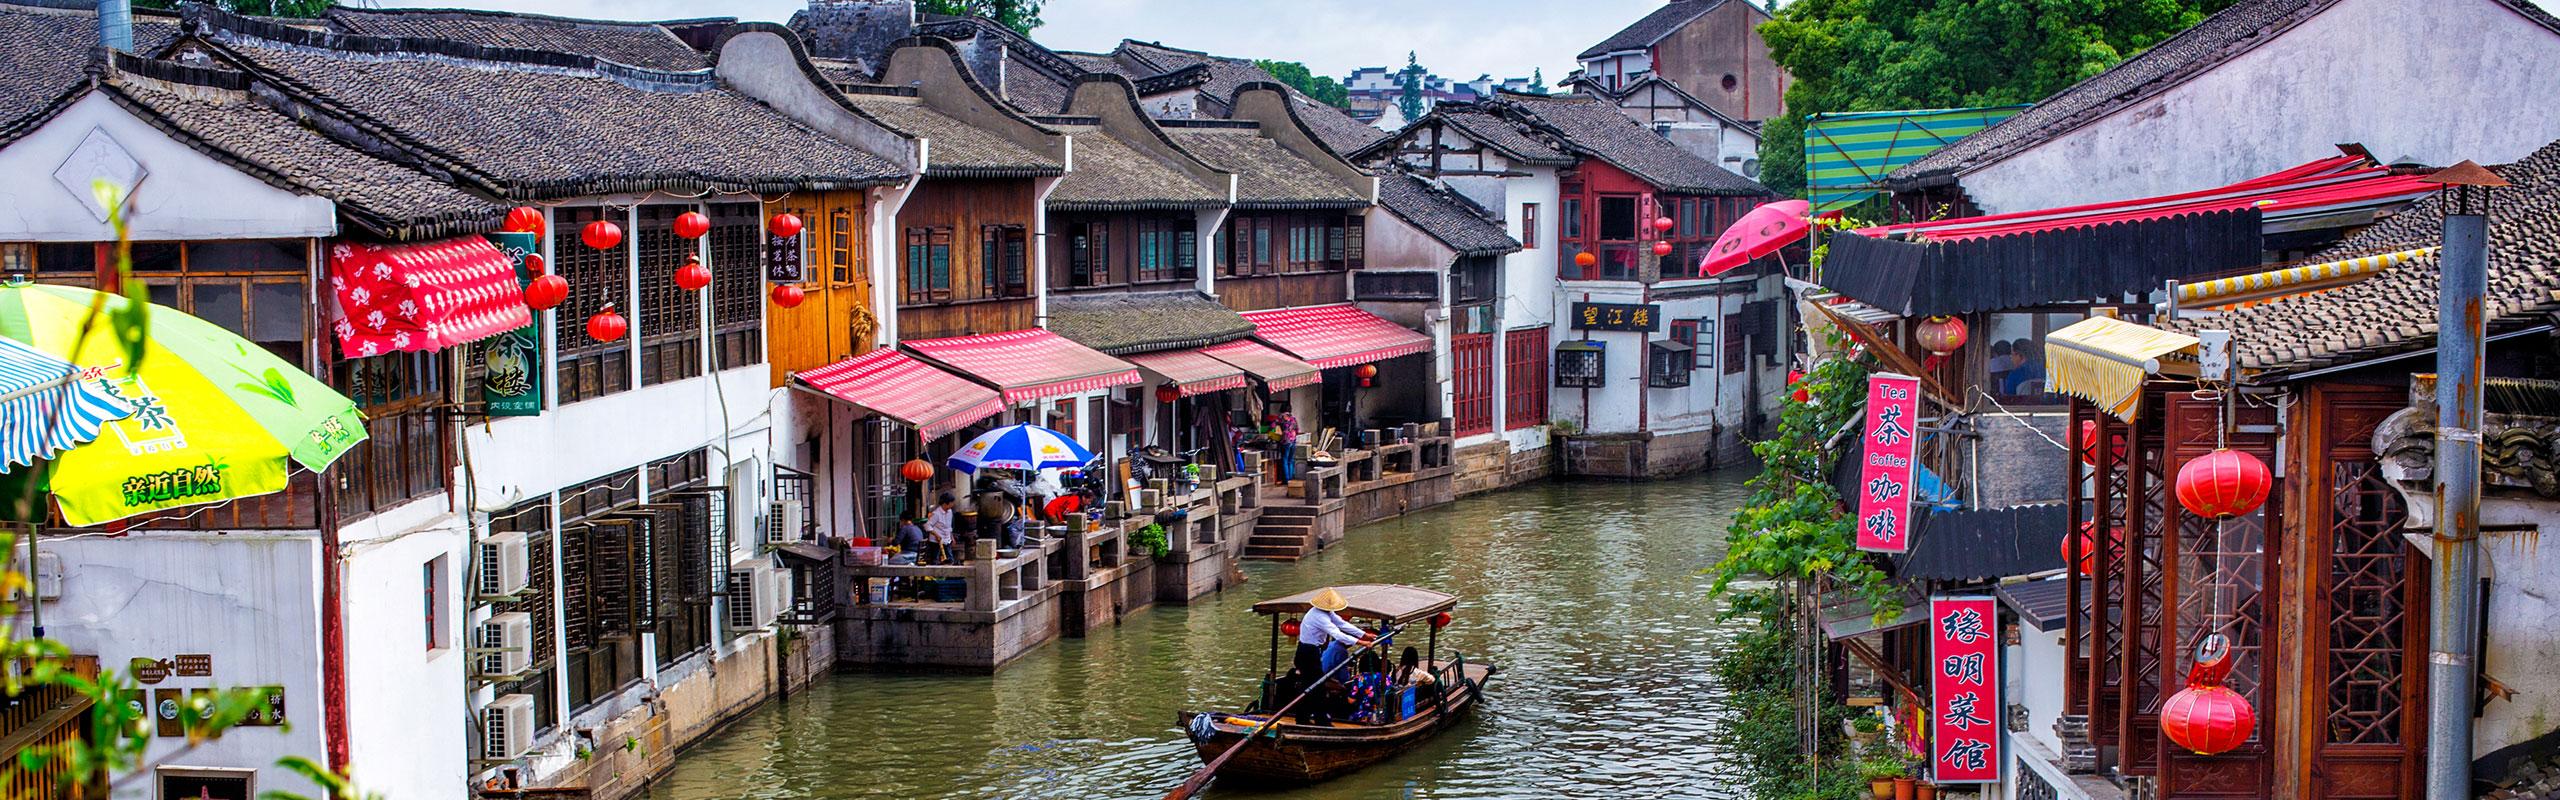 2 Days Shanghai Port Transfer with City & Zhujiajiao Tour